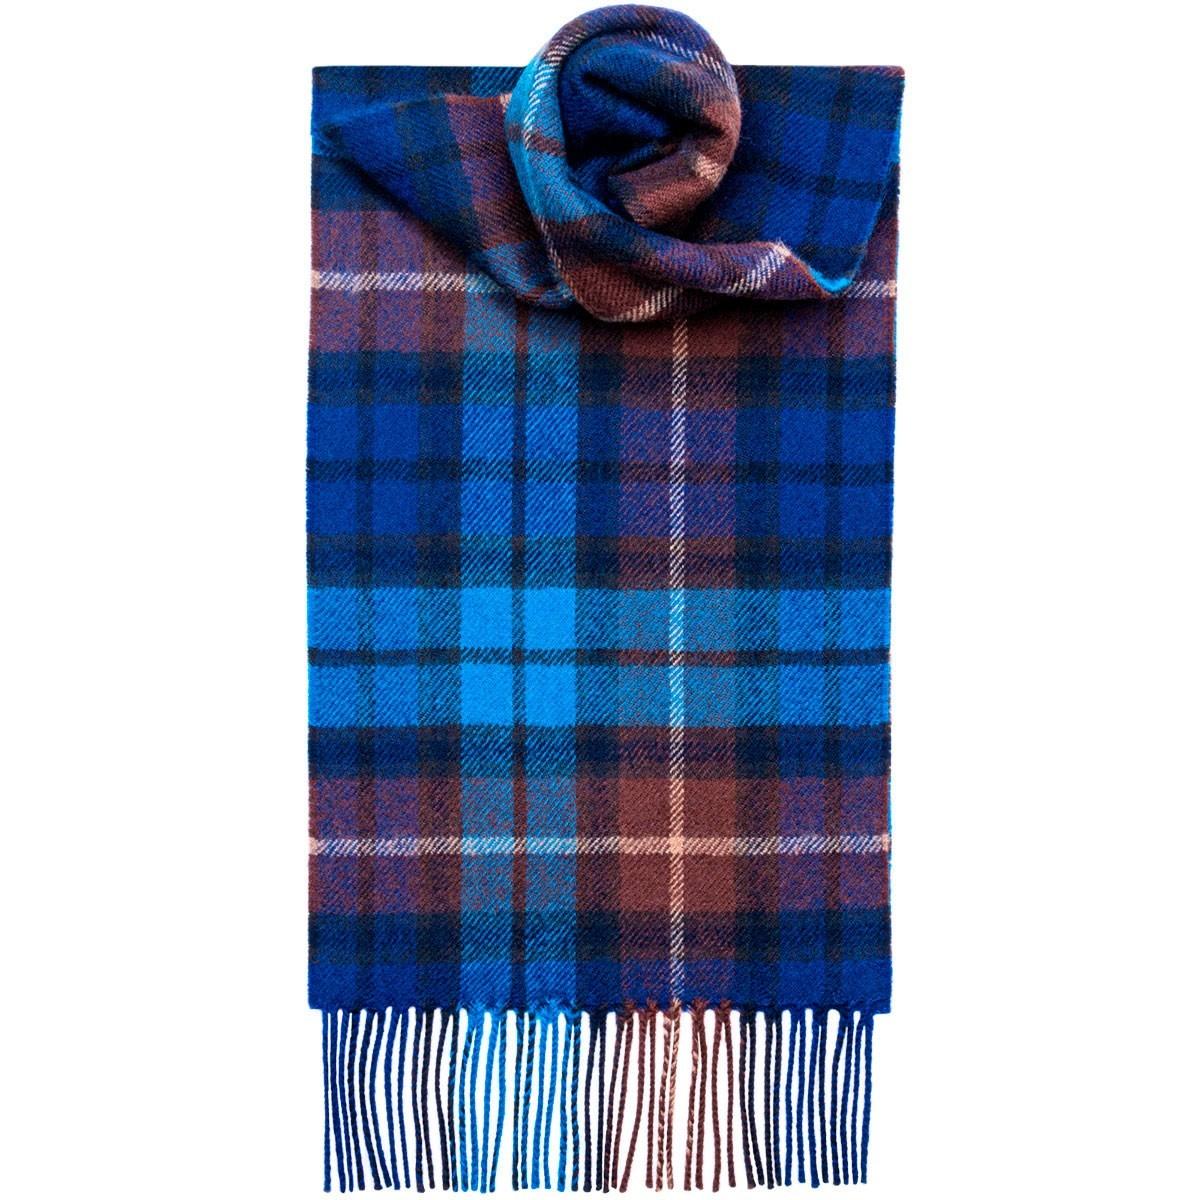 Buchanan Blue Tartan 100% Lambswool Scarf by Lochcarron